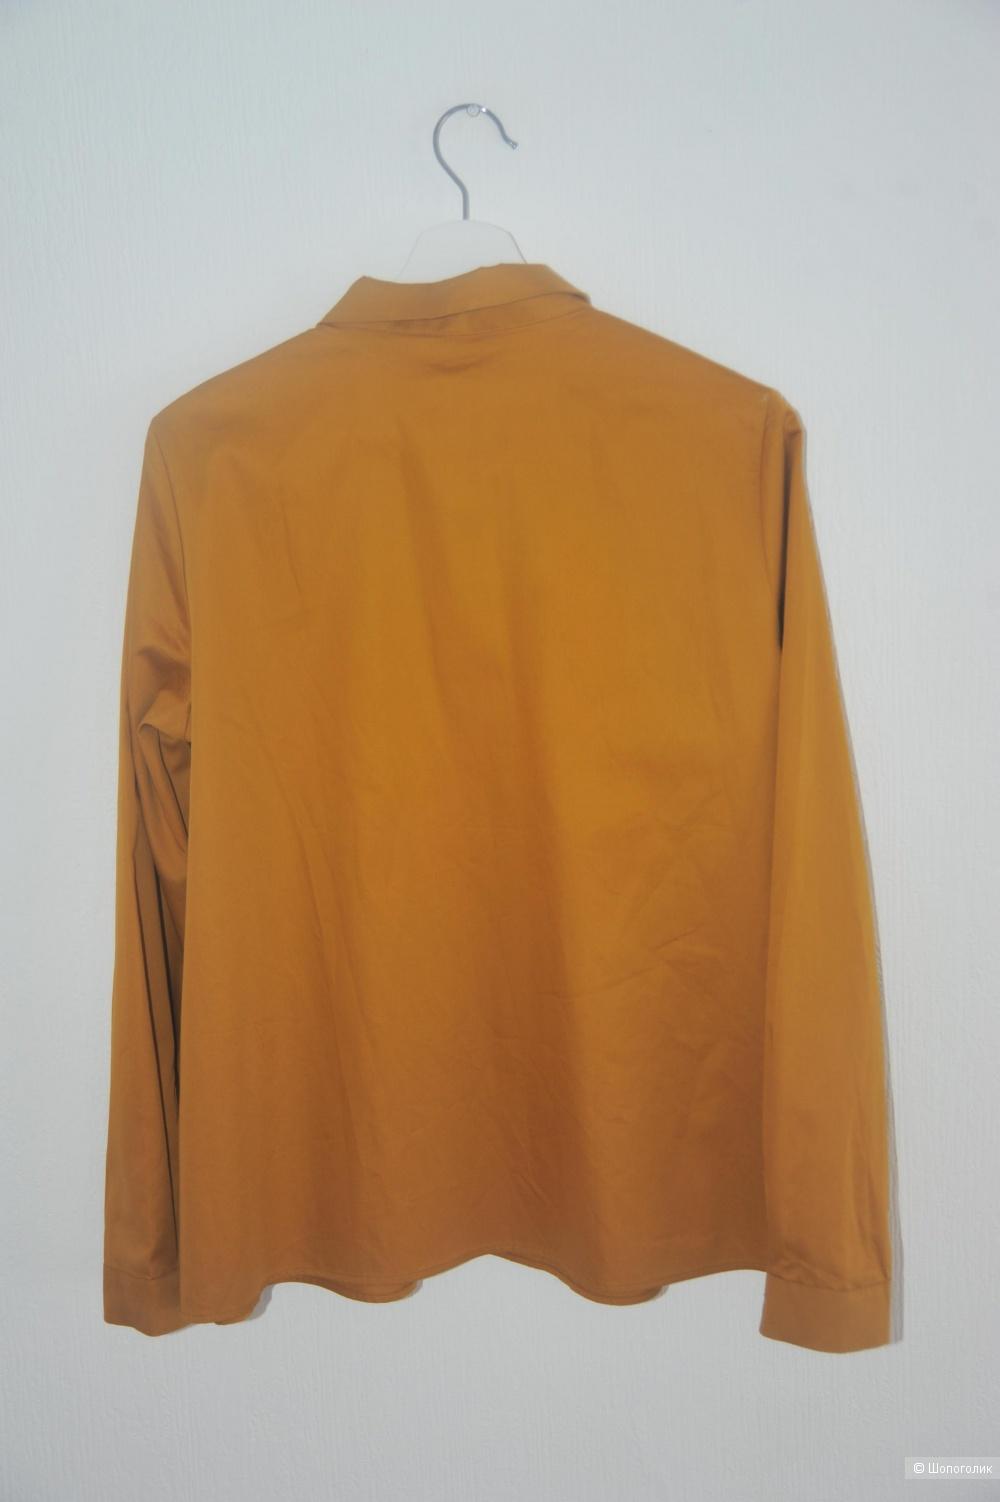 Рубашка COS. Размер L.